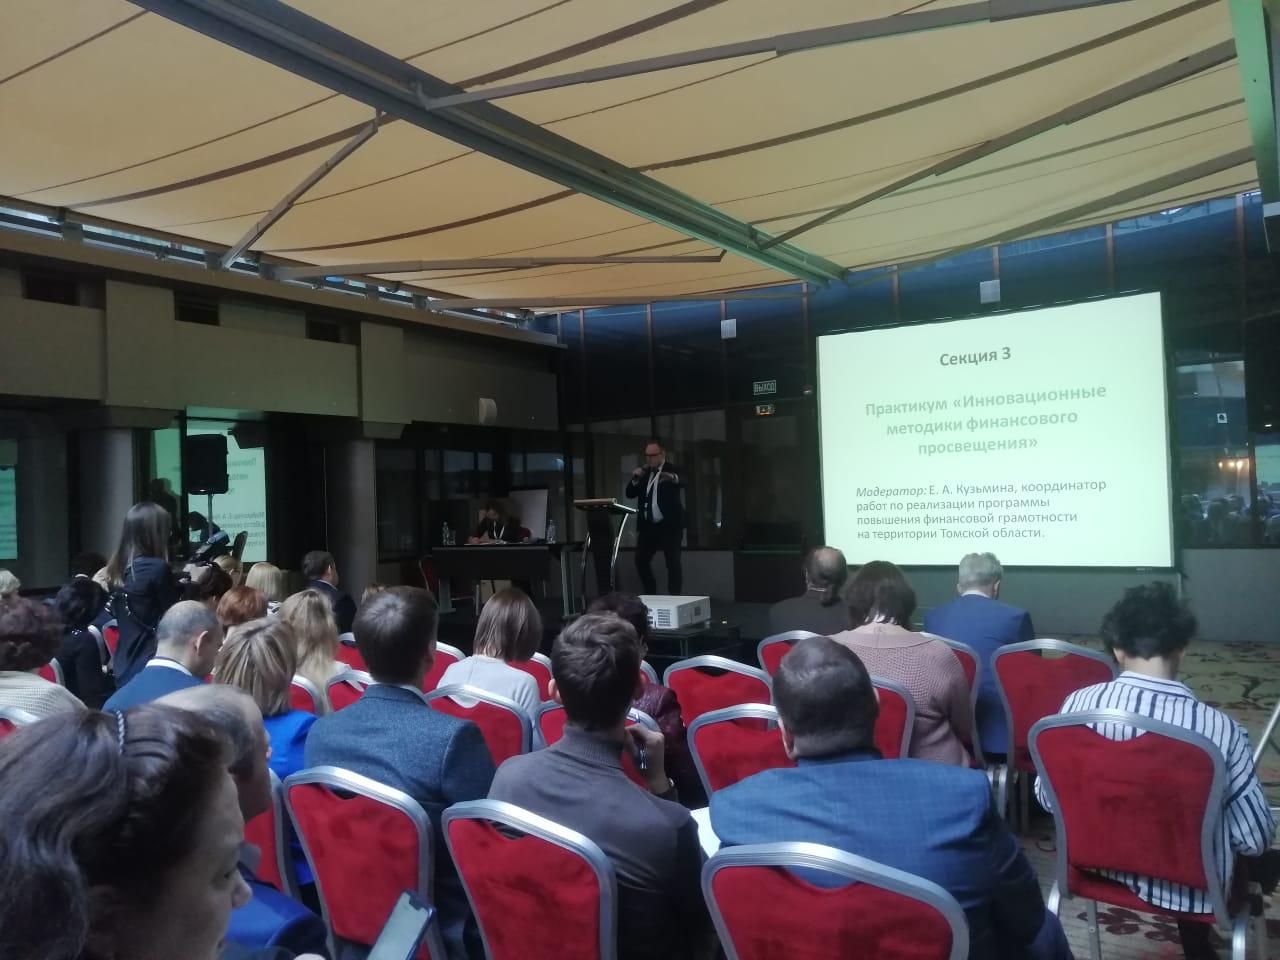 Делегация из Ярославской области участвует в конференции в Москве